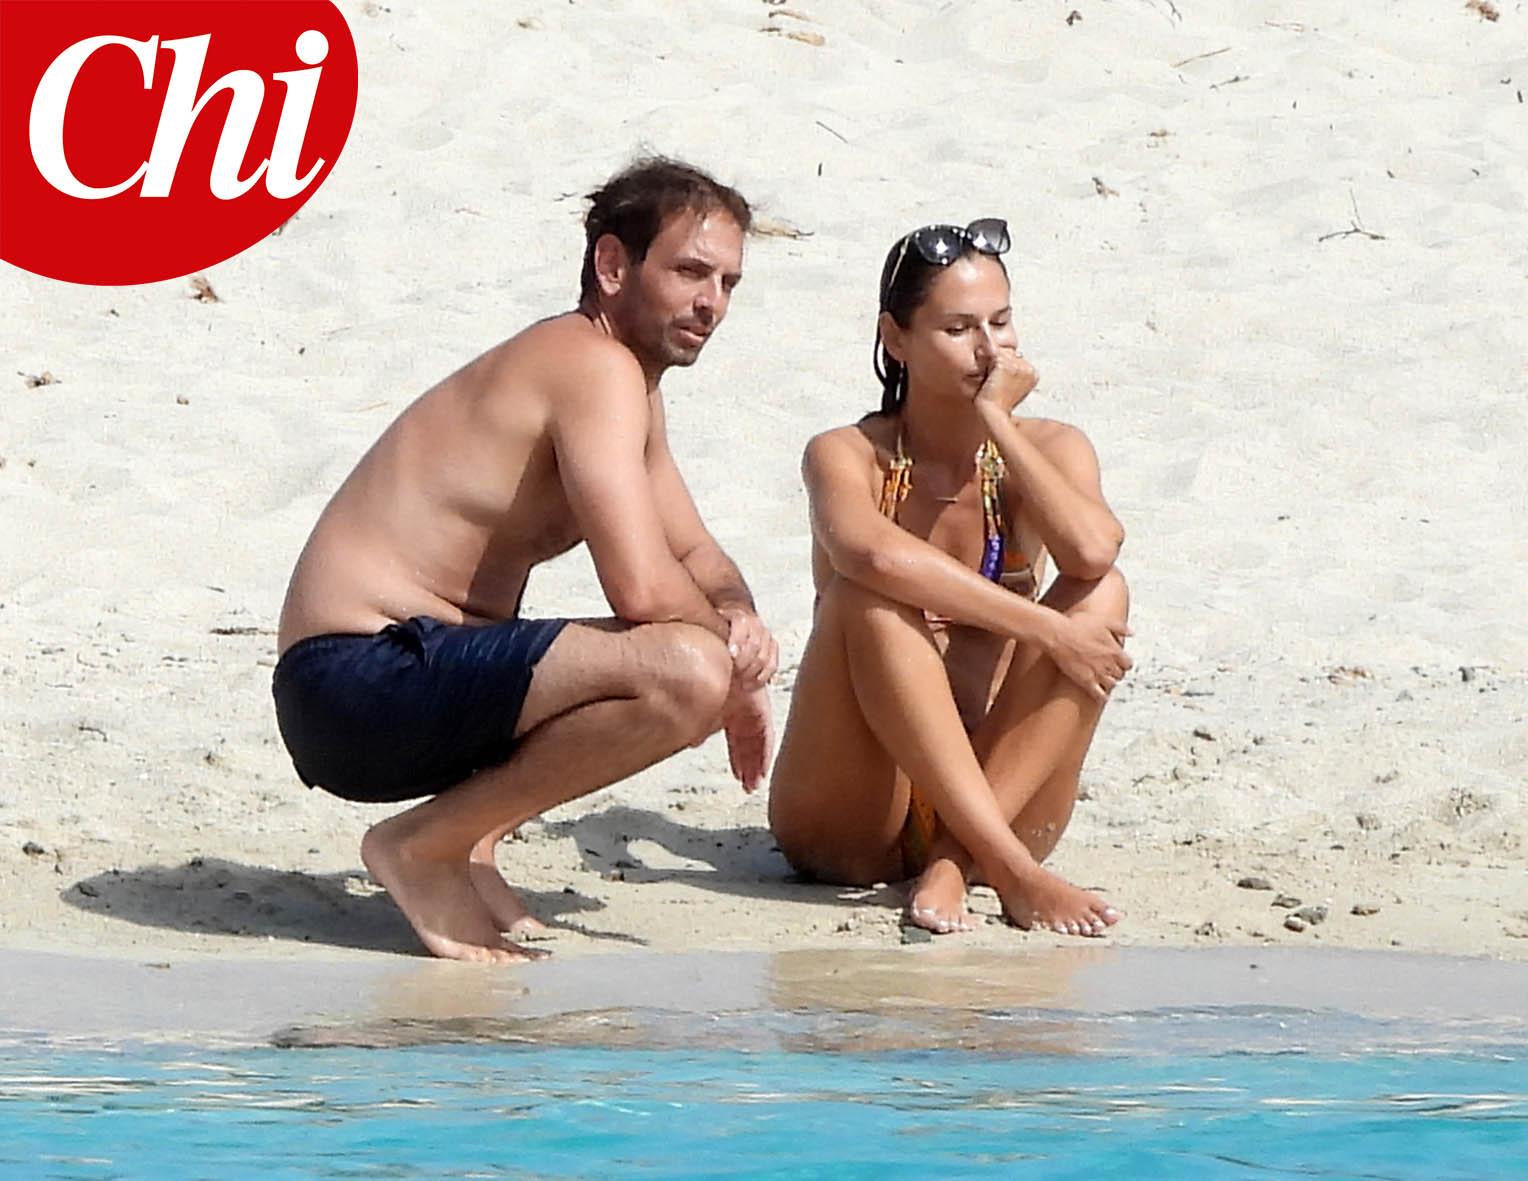 Anna Safroncik e Matteo Mammì in spiaggia sull'Isola di Mortorio